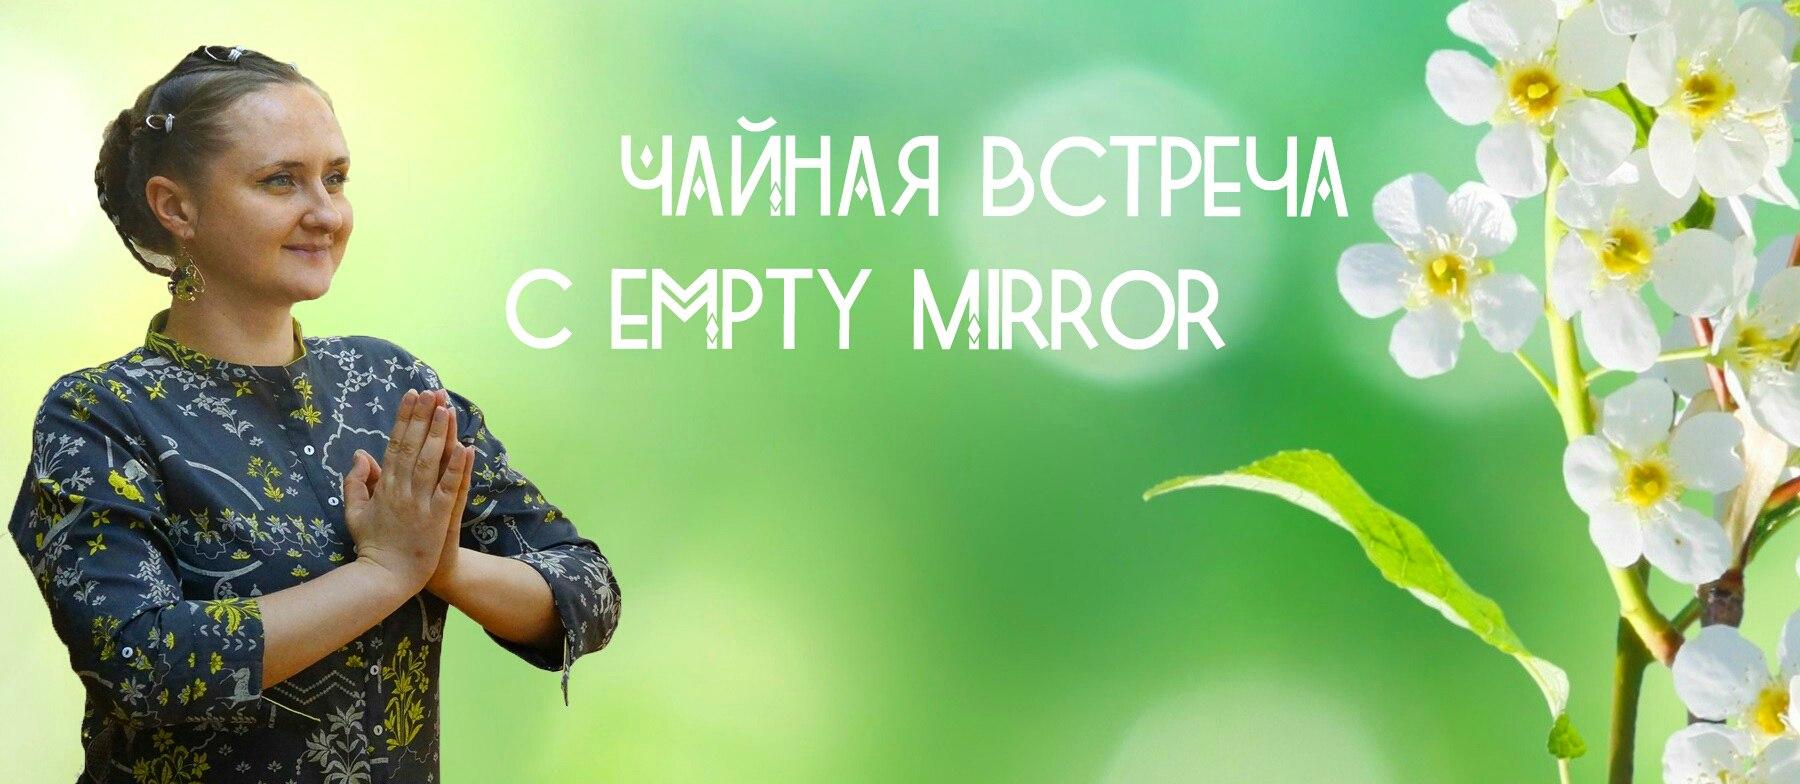 Чаепитие - беседа с Empty_Mirror 25.03.2018 @ Открытый Мир | Москва | Россия